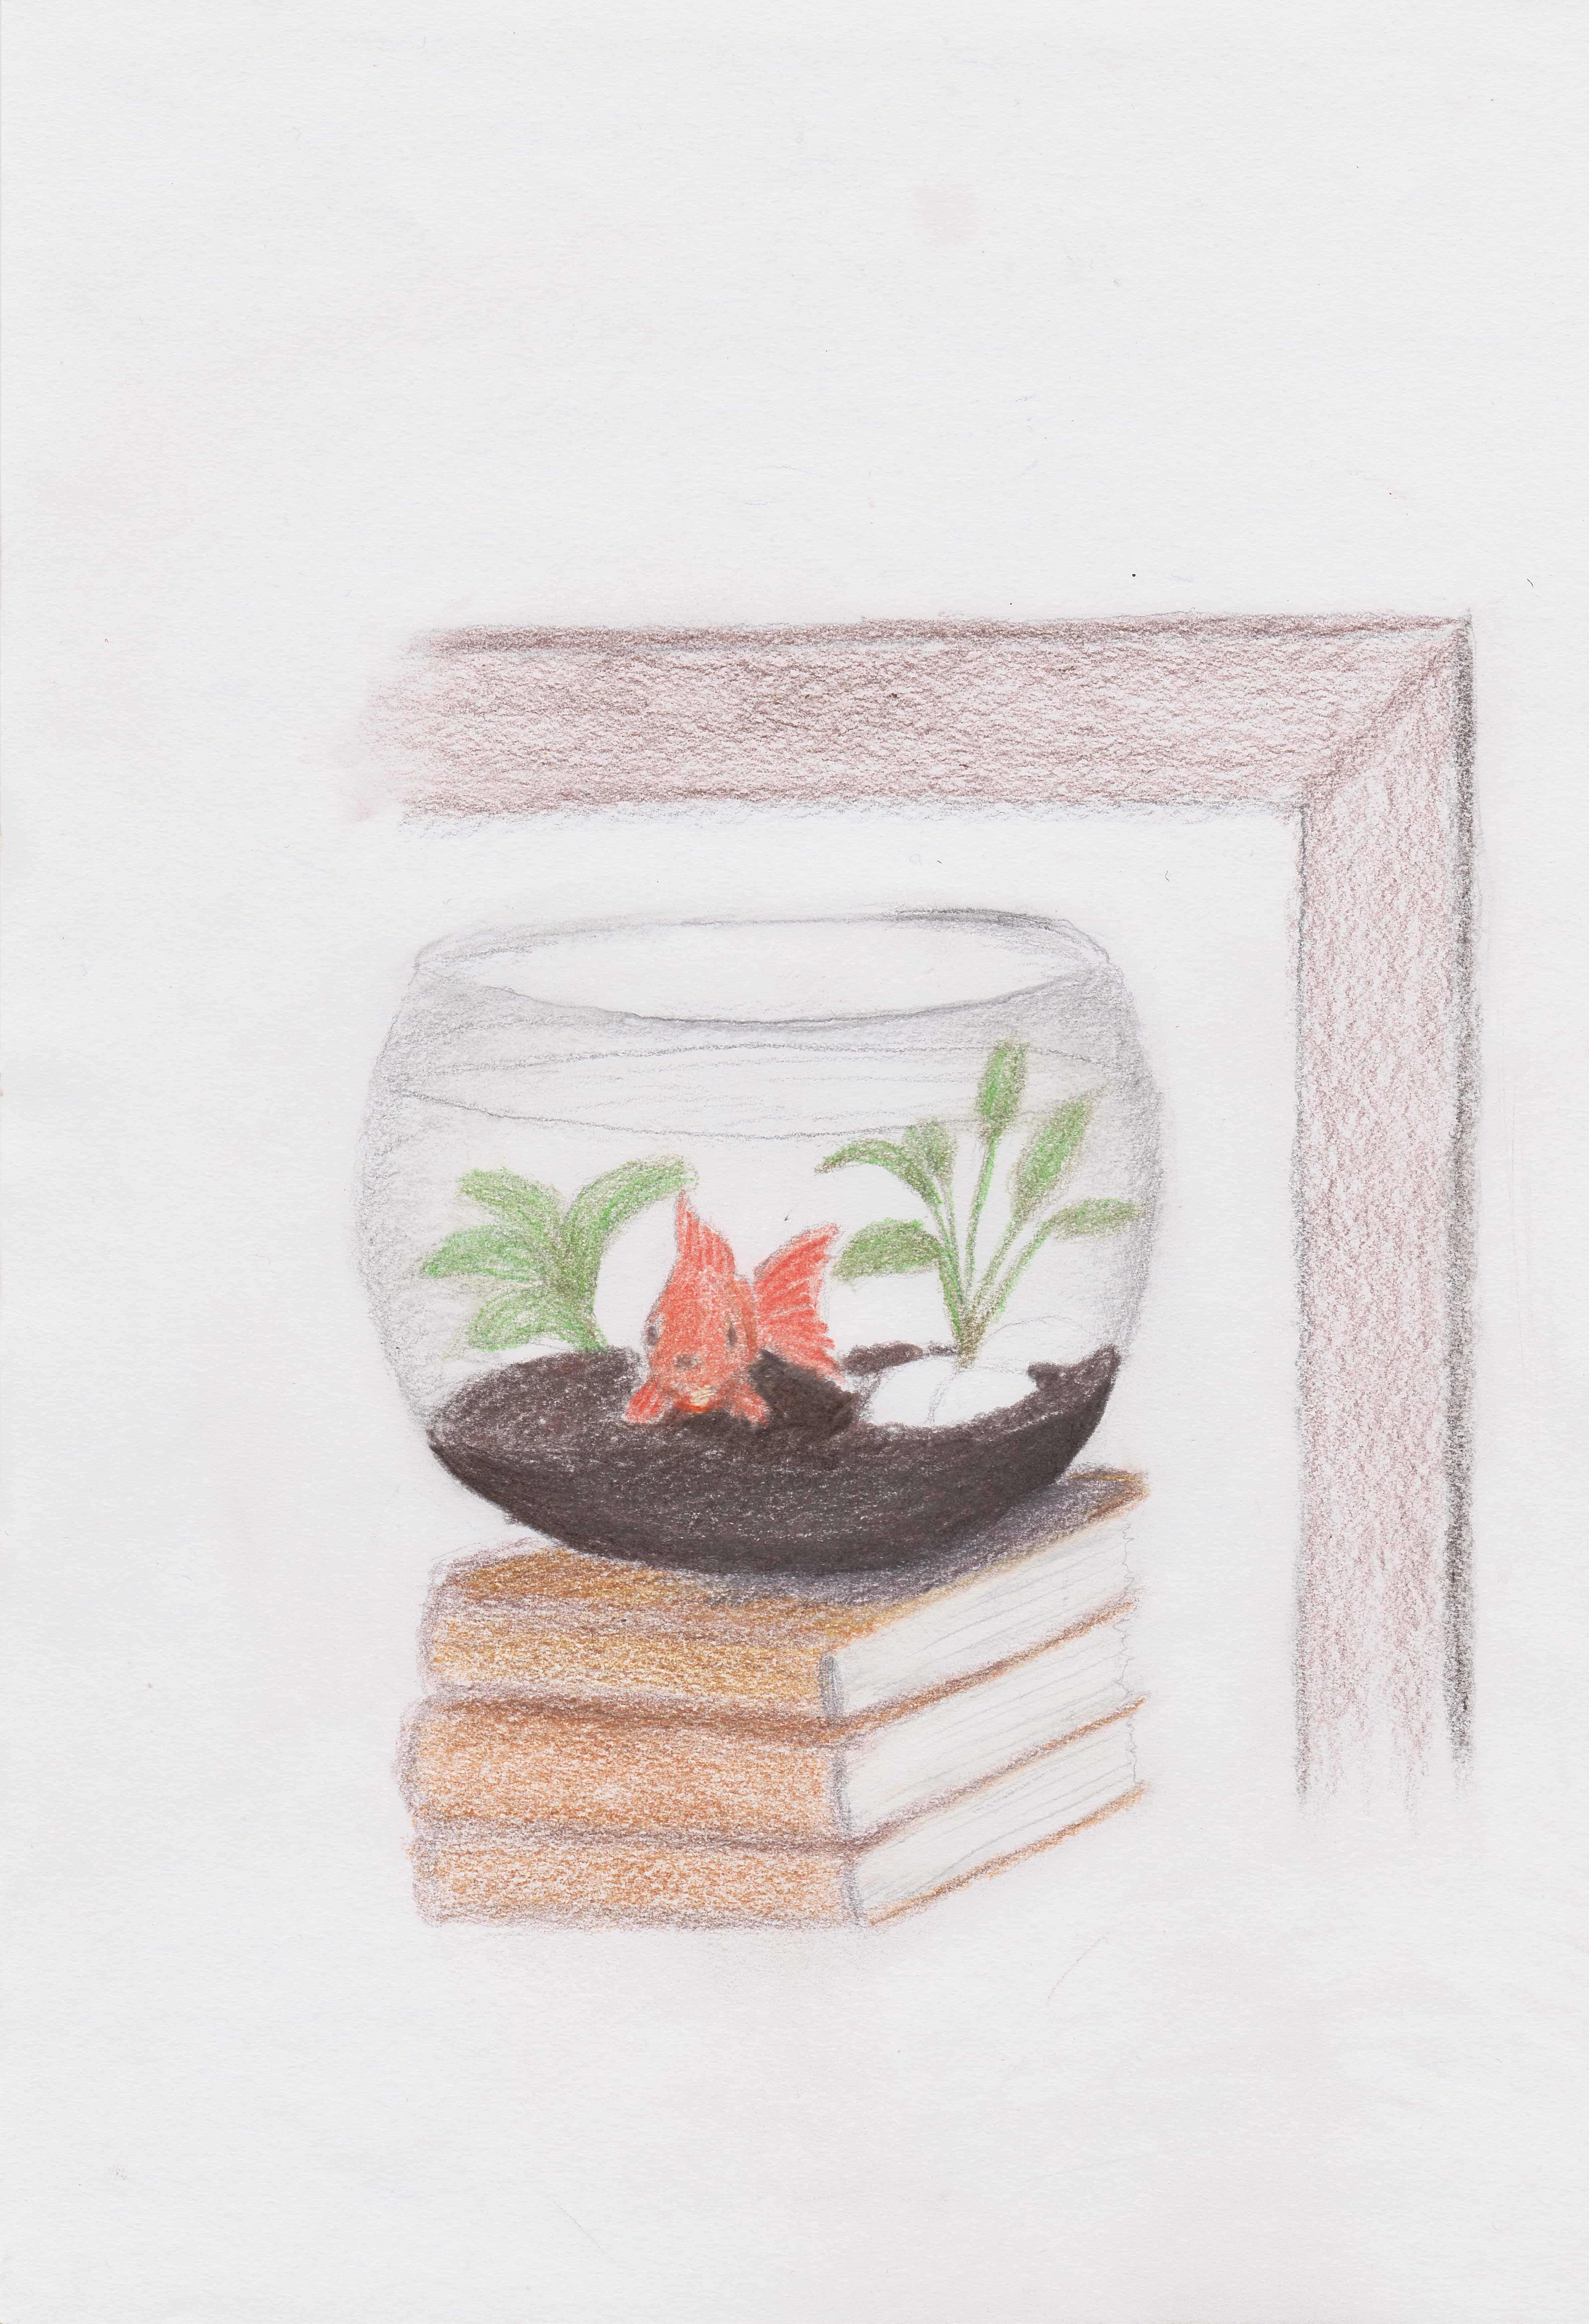 Goldfish Bowl on Books